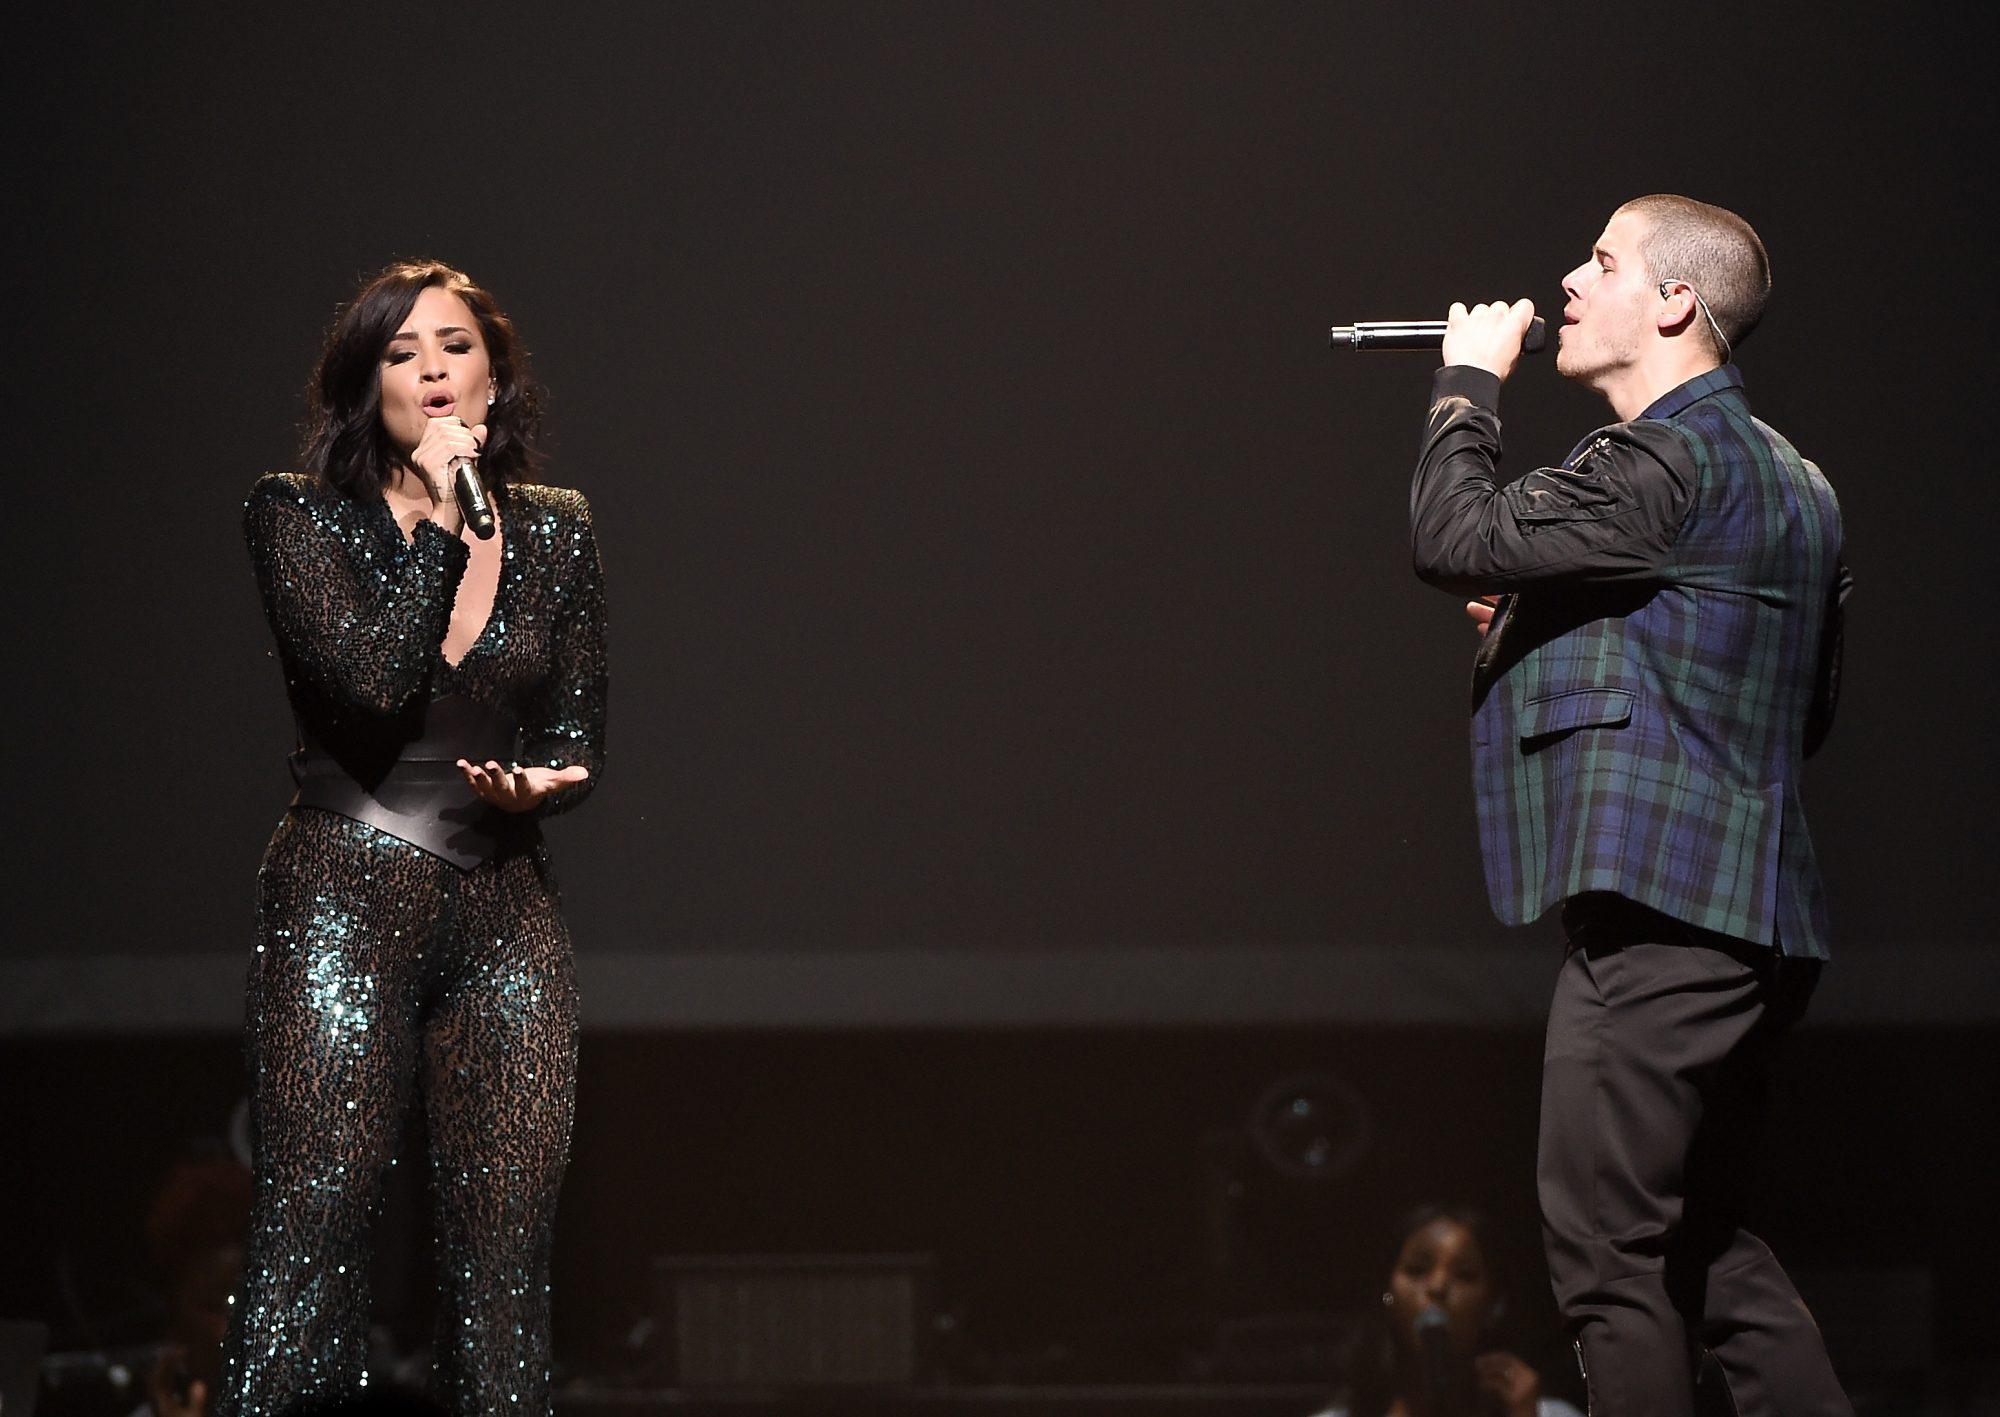 Demi Lovato & Nick Jonas In Concert - Brooklyn, NY